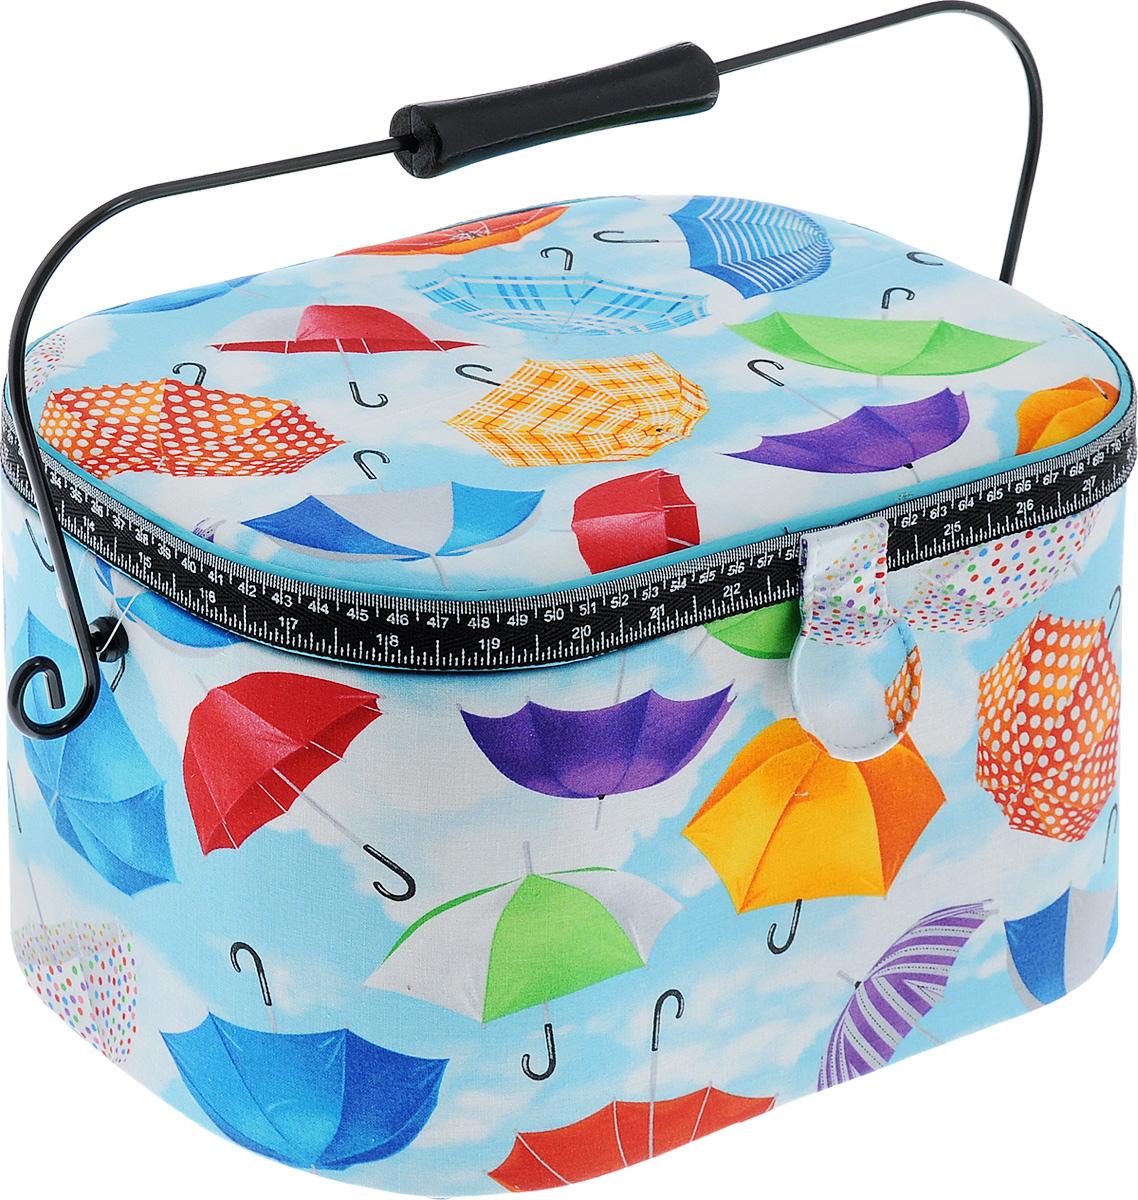 Шкатулка для рукоделия RTO Цветные зонтики, с вкладышем, 31 х 21 х 19 см подвеска rto винтаж с магнитом для иголок